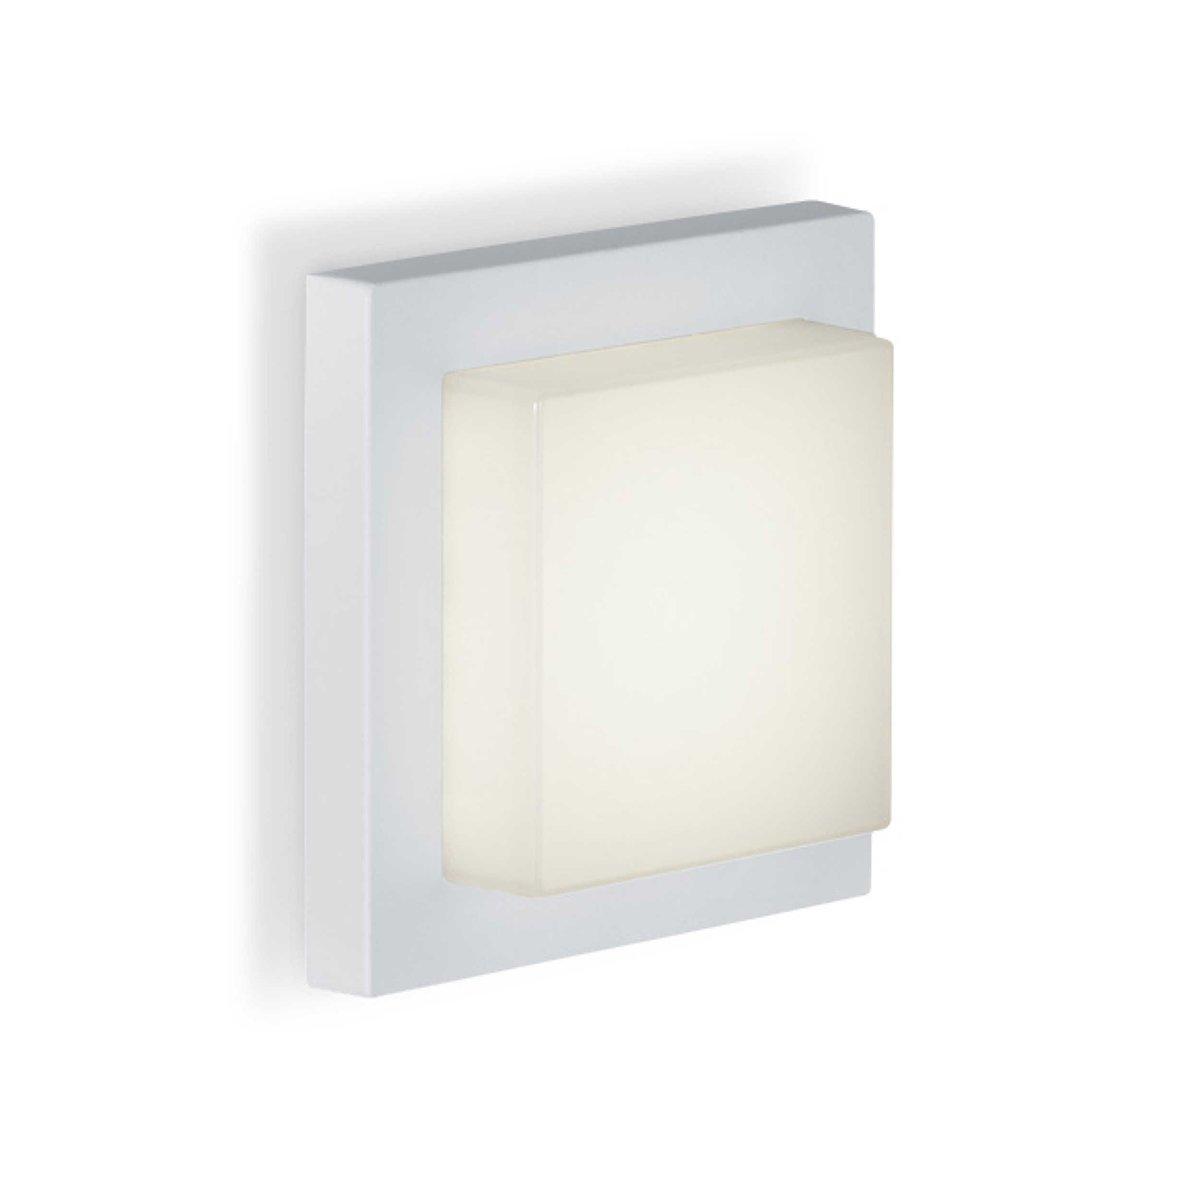 Bild 4 von Trio LED-Außenwandleuchte   Hondo